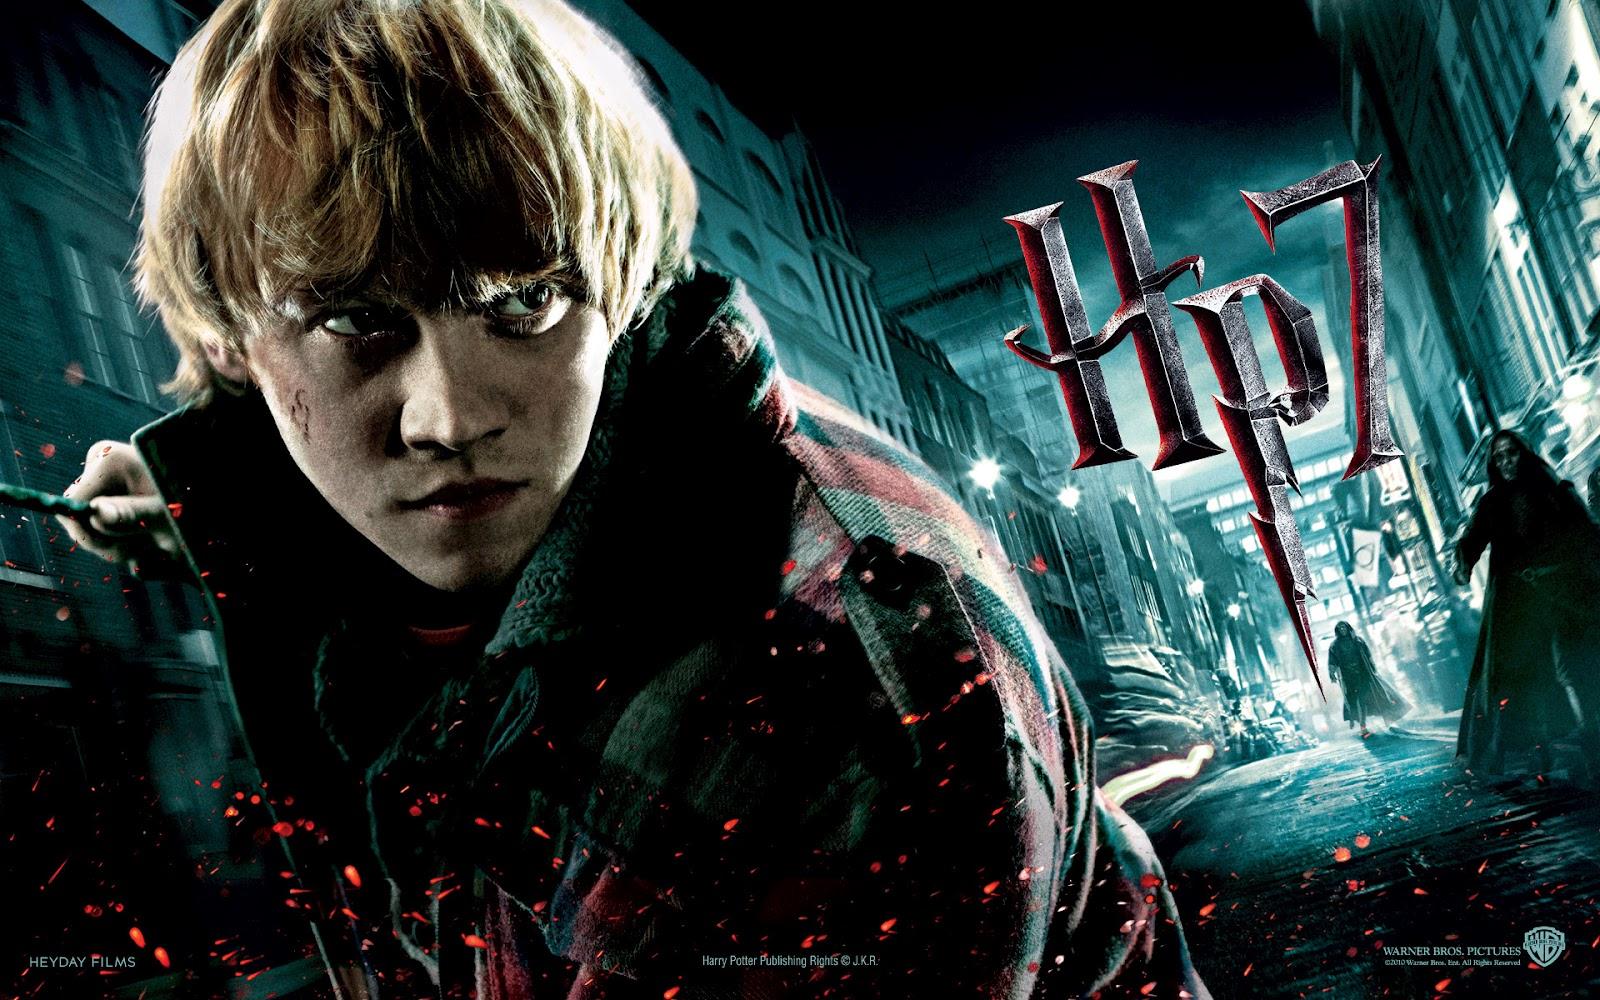 http://3.bp.blogspot.com/-JqL81haI2w4/UDhMu_D_e4I/AAAAAAAAA1M/jchYcgL465c/s1600/Rupert3.jpg